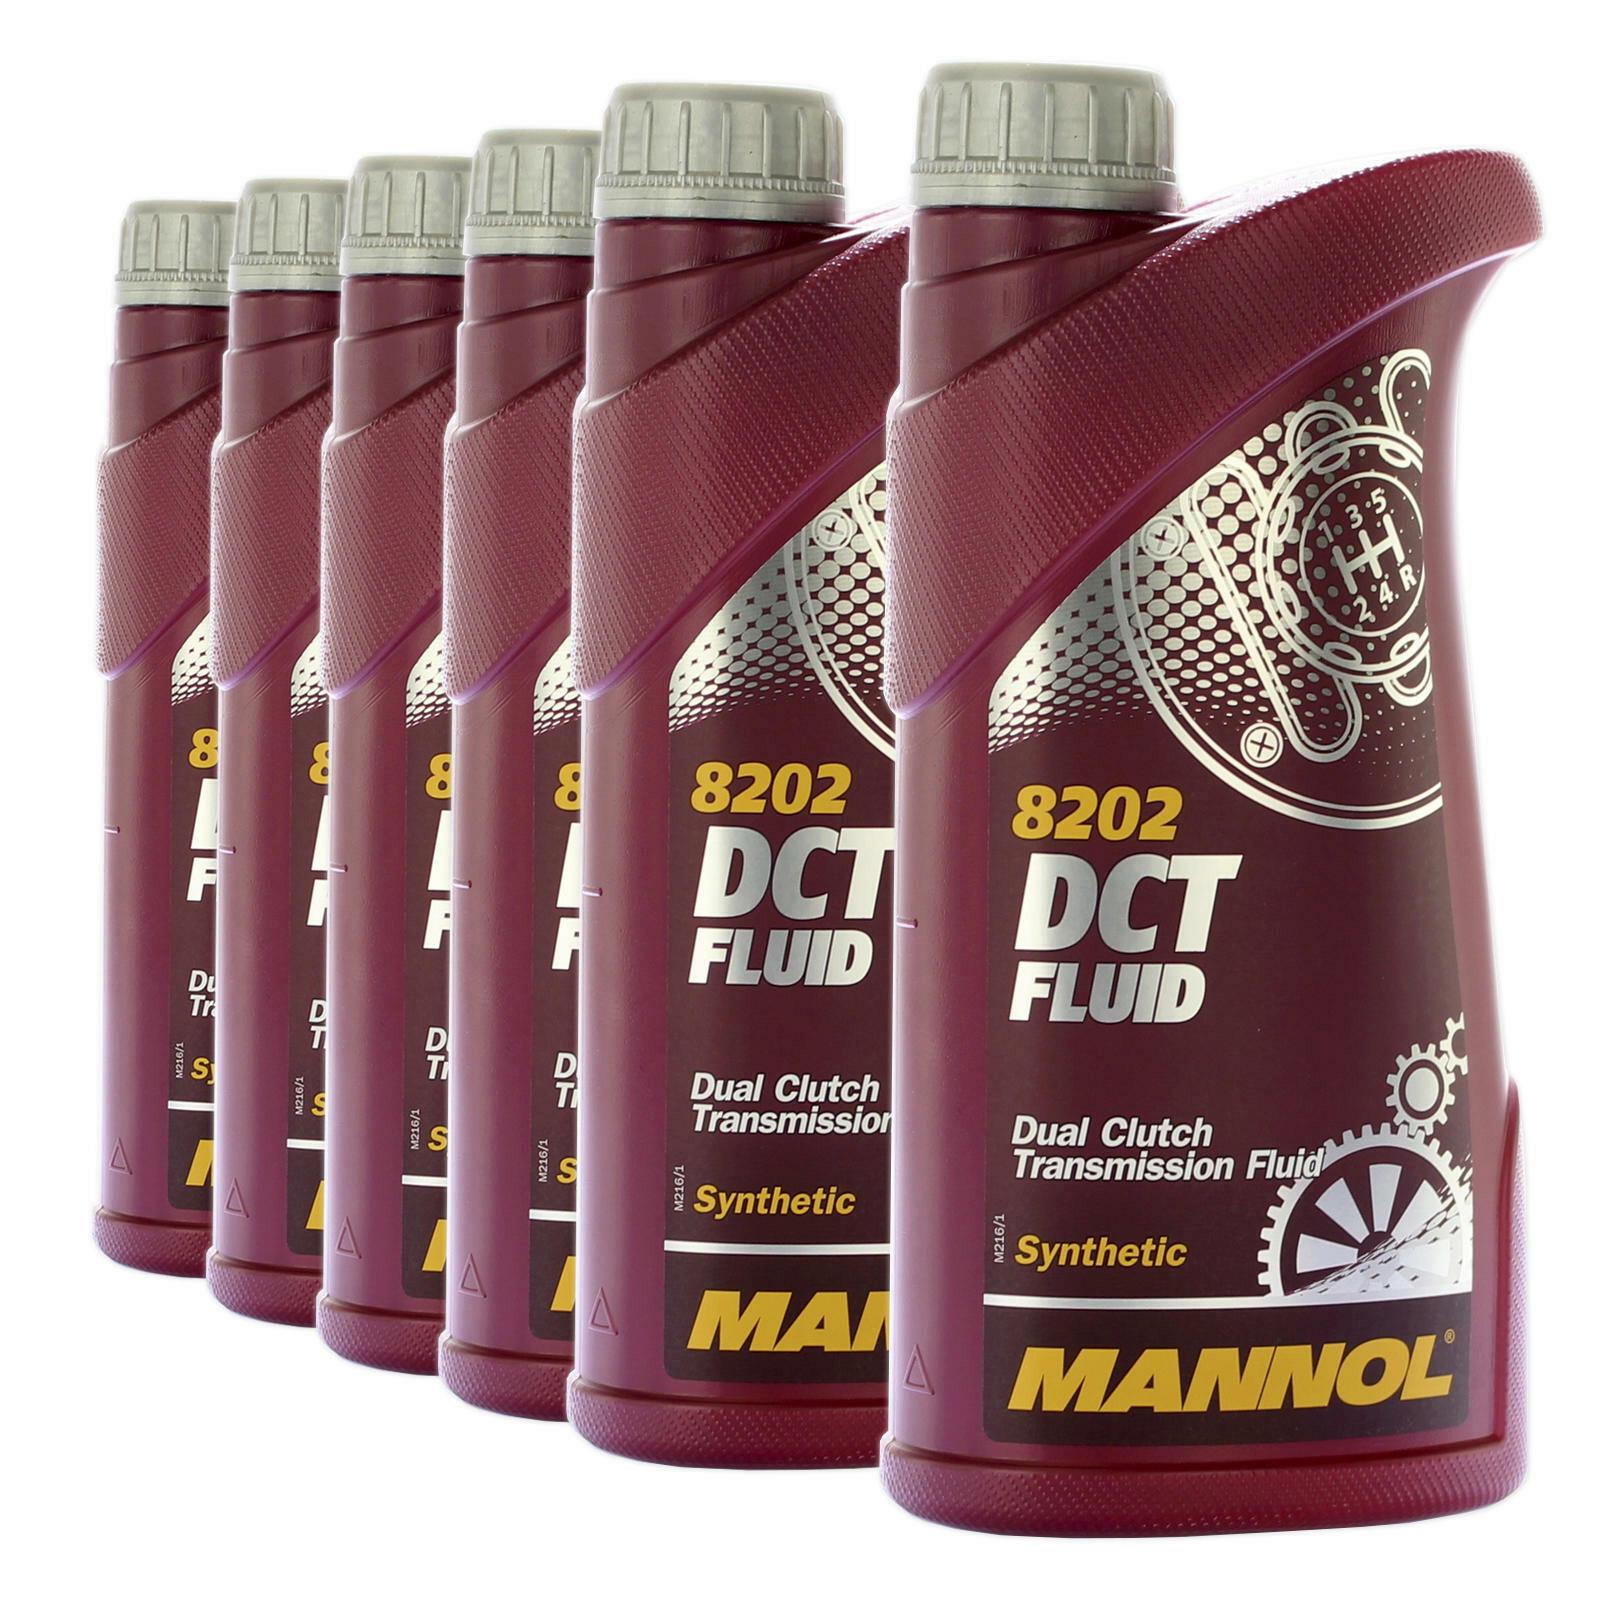 6 x 1l MANNOL DSG synthetisches Getriebeöl für VW/ Audi/ MB/ BMW/ Ford/ Volvo